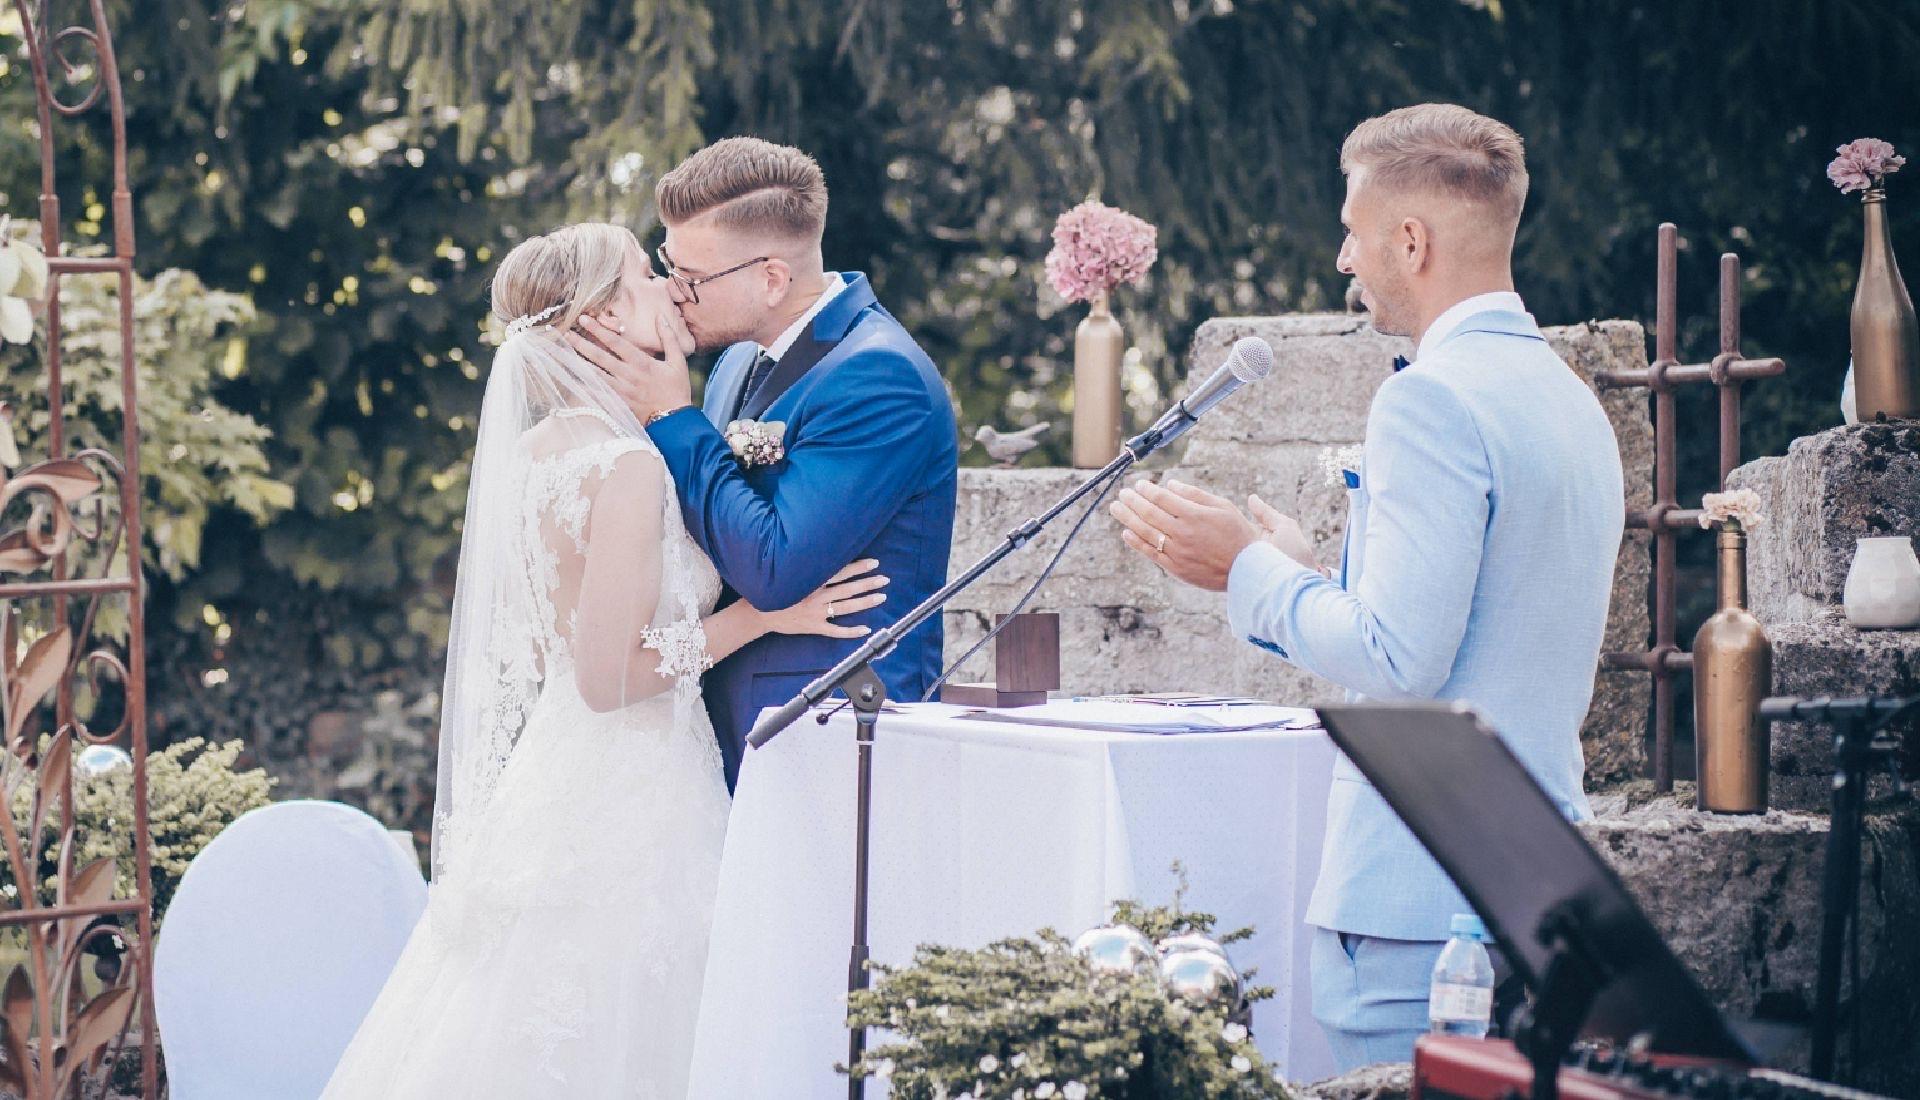 Freie Trauungen in Nürnberg und Umgebung, Freier Trauredner, Hochzeit Nürnberg, Heiraten in Nürnberg